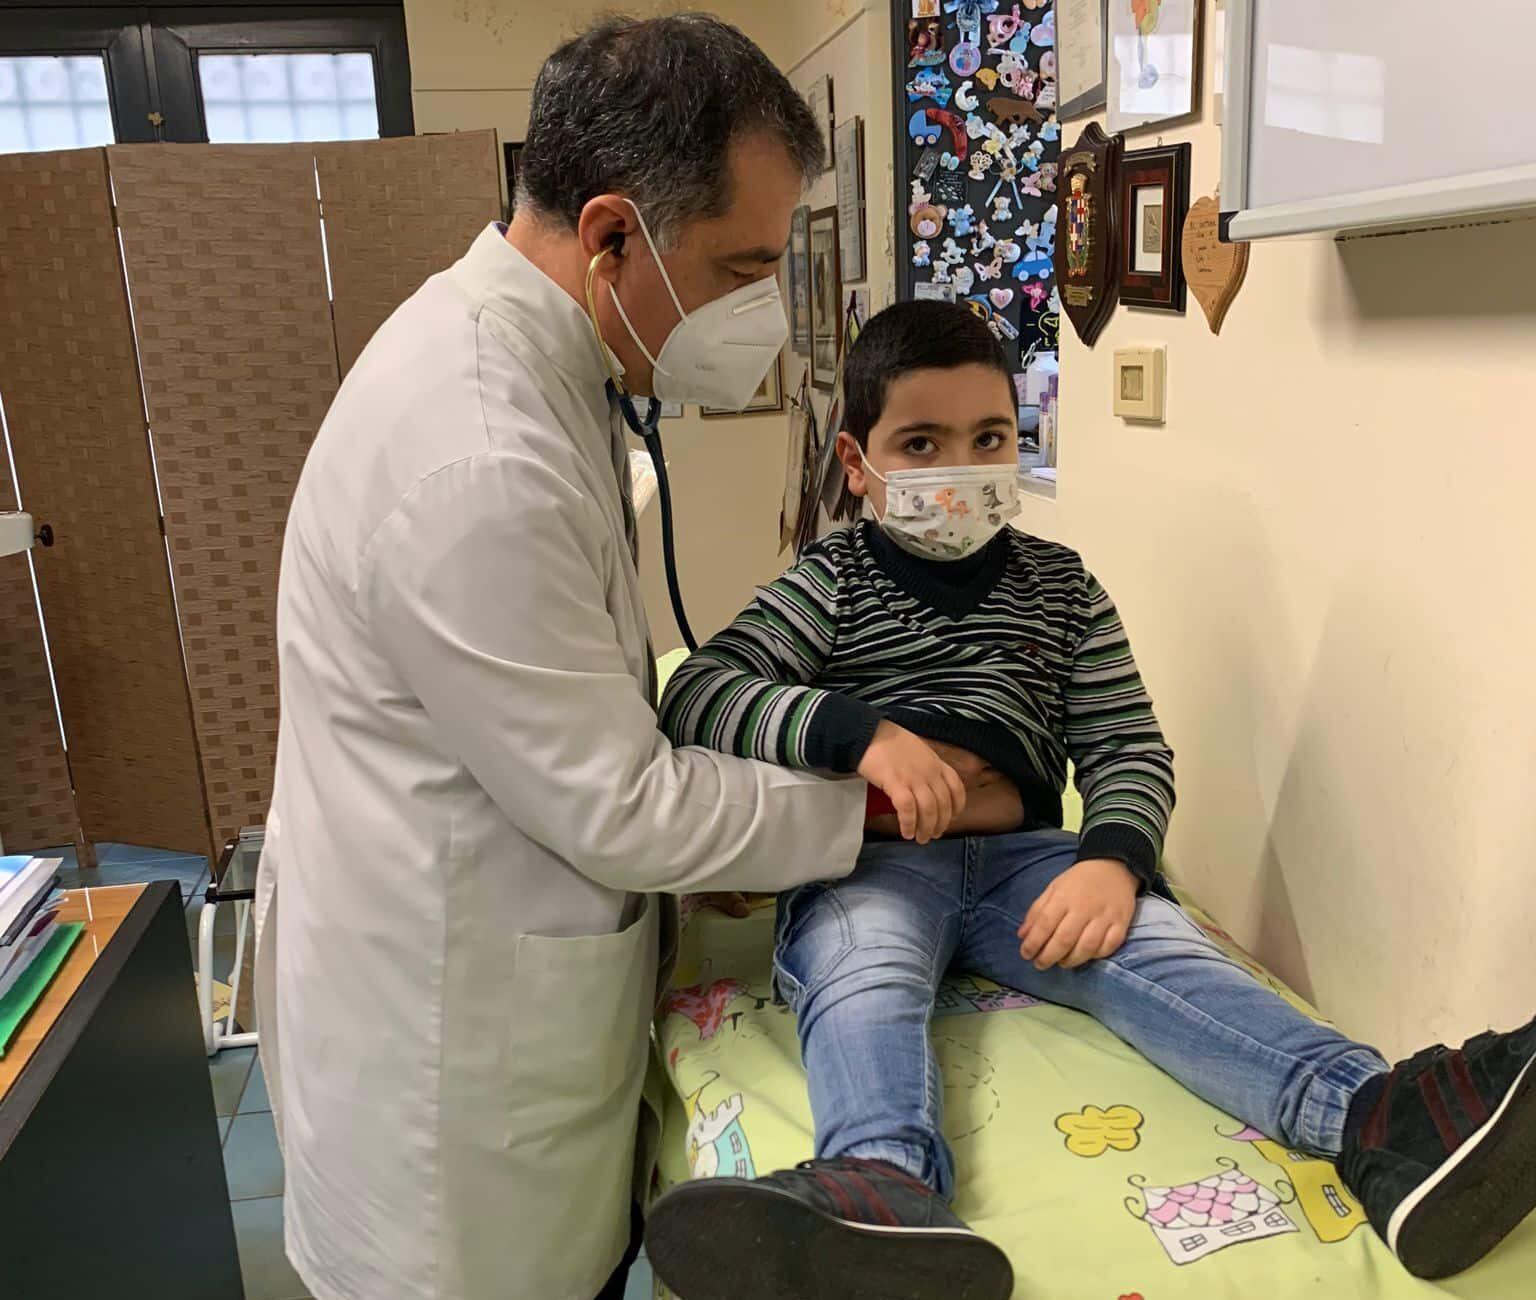 Lo chiedo al pediatra. Disturbi della crescita? I consigli del dottor Sinatra